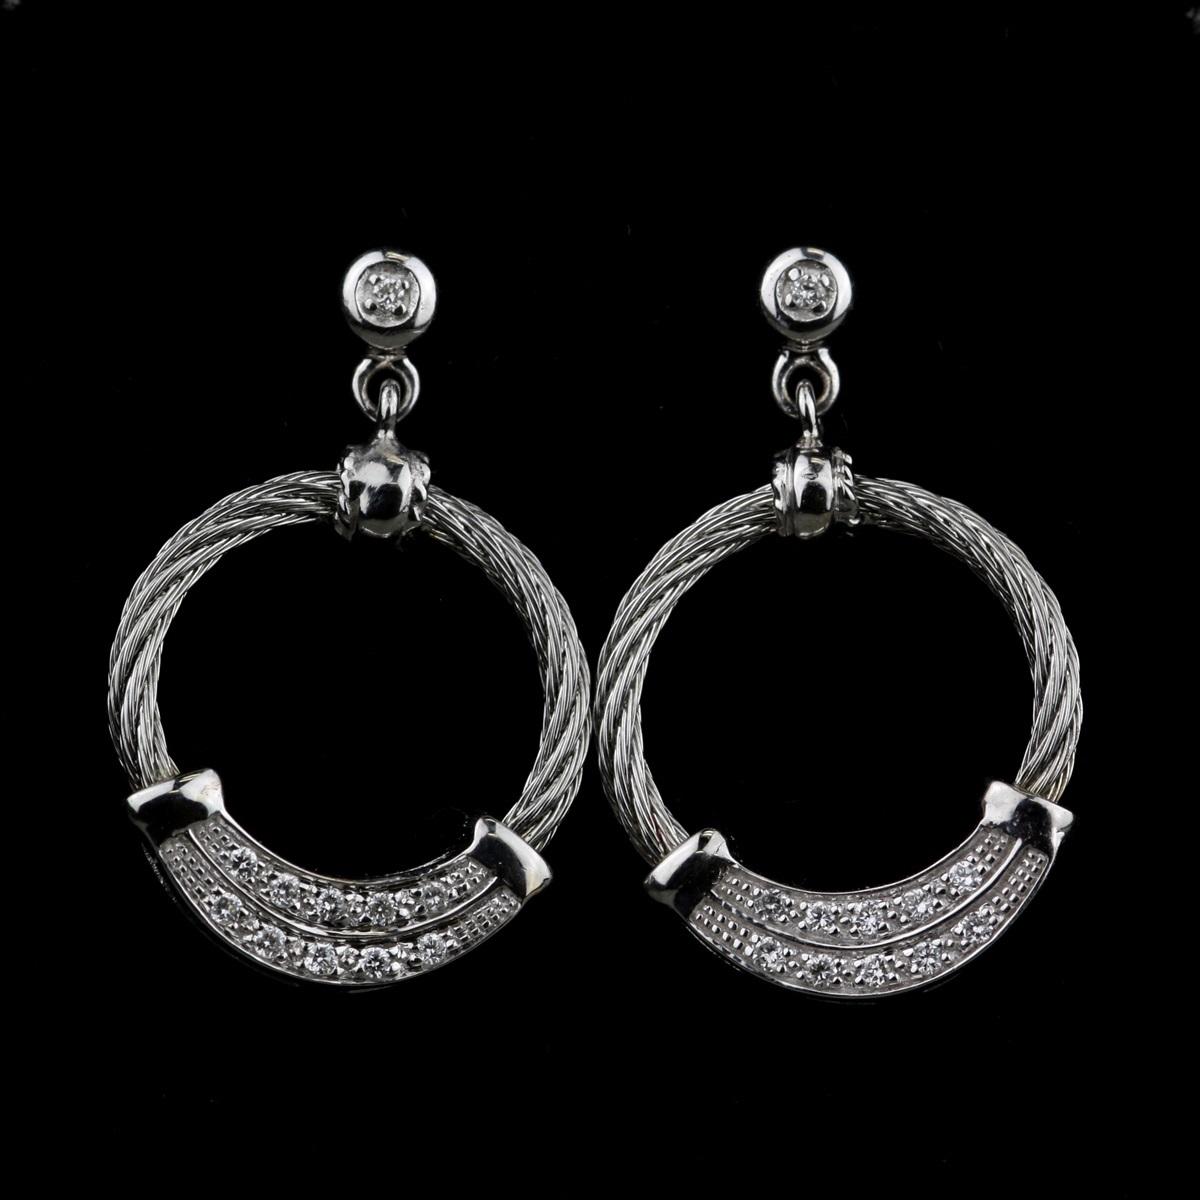 Pre Owned Charriol 18 Karat White Gold Diamond Earrings